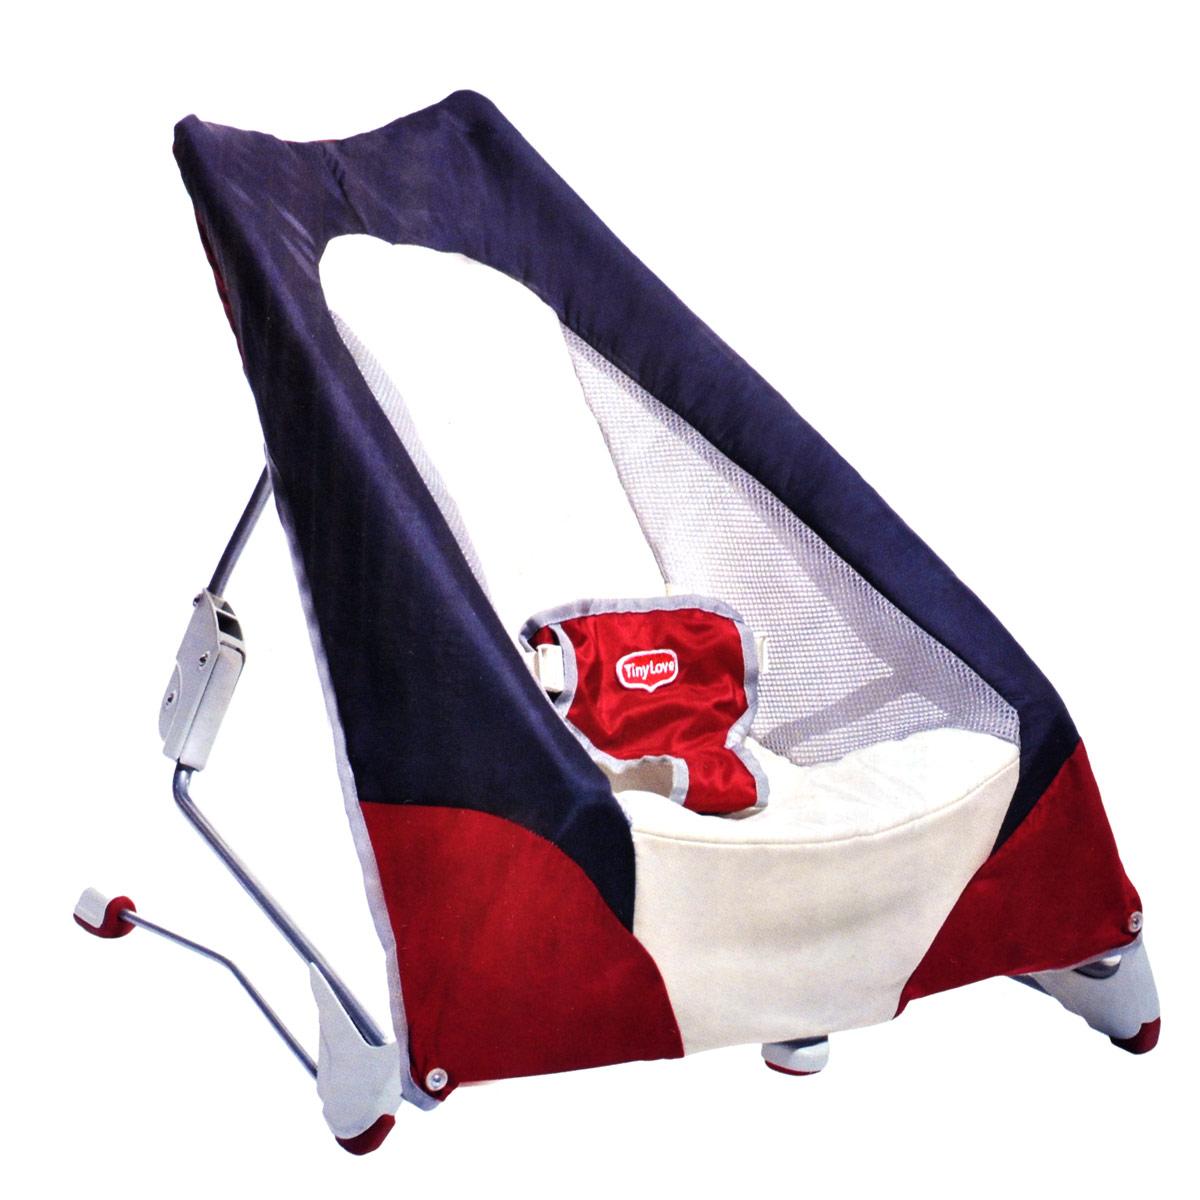 """Переносной баунсер """"Tiny Love"""" - это удобное кресло для детей с самого рождения, которое позволит вашему малышу чувствовать себя комфортно как дома, так и в любом другом месте. Благодаря полувертикальному положению малыш сможет смотреть на мир под новым углом и общаться со взрослыми на одном уровне. Ремни безопасности не дадут ребенку упасть. Баунсер не требует сборки и легко складывается для удобной транспортировки. В таком кресле вашему малышу будет максимально комфортно и безопасно!"""